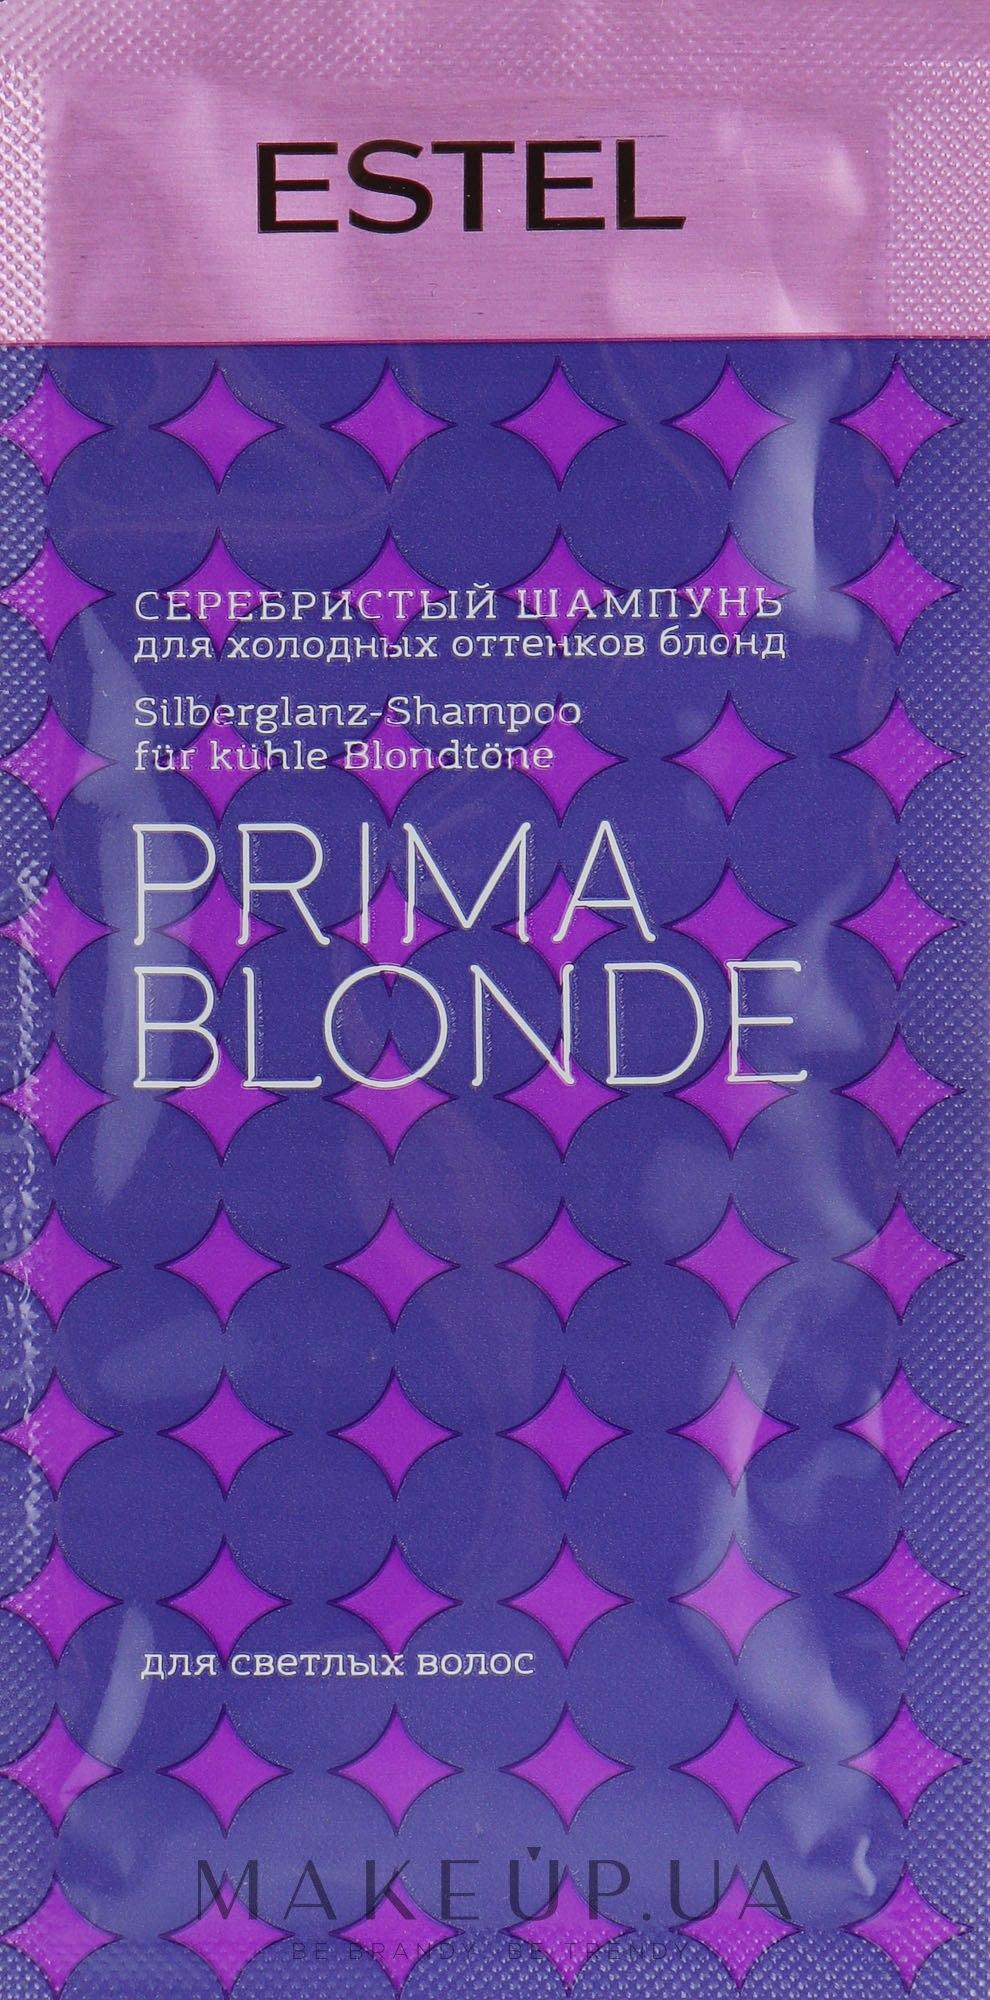 Серебристый шампунь для холодных оттенков блонд - Estel Professional Prima Blonde Shampoo (пробник) — фото 10ml